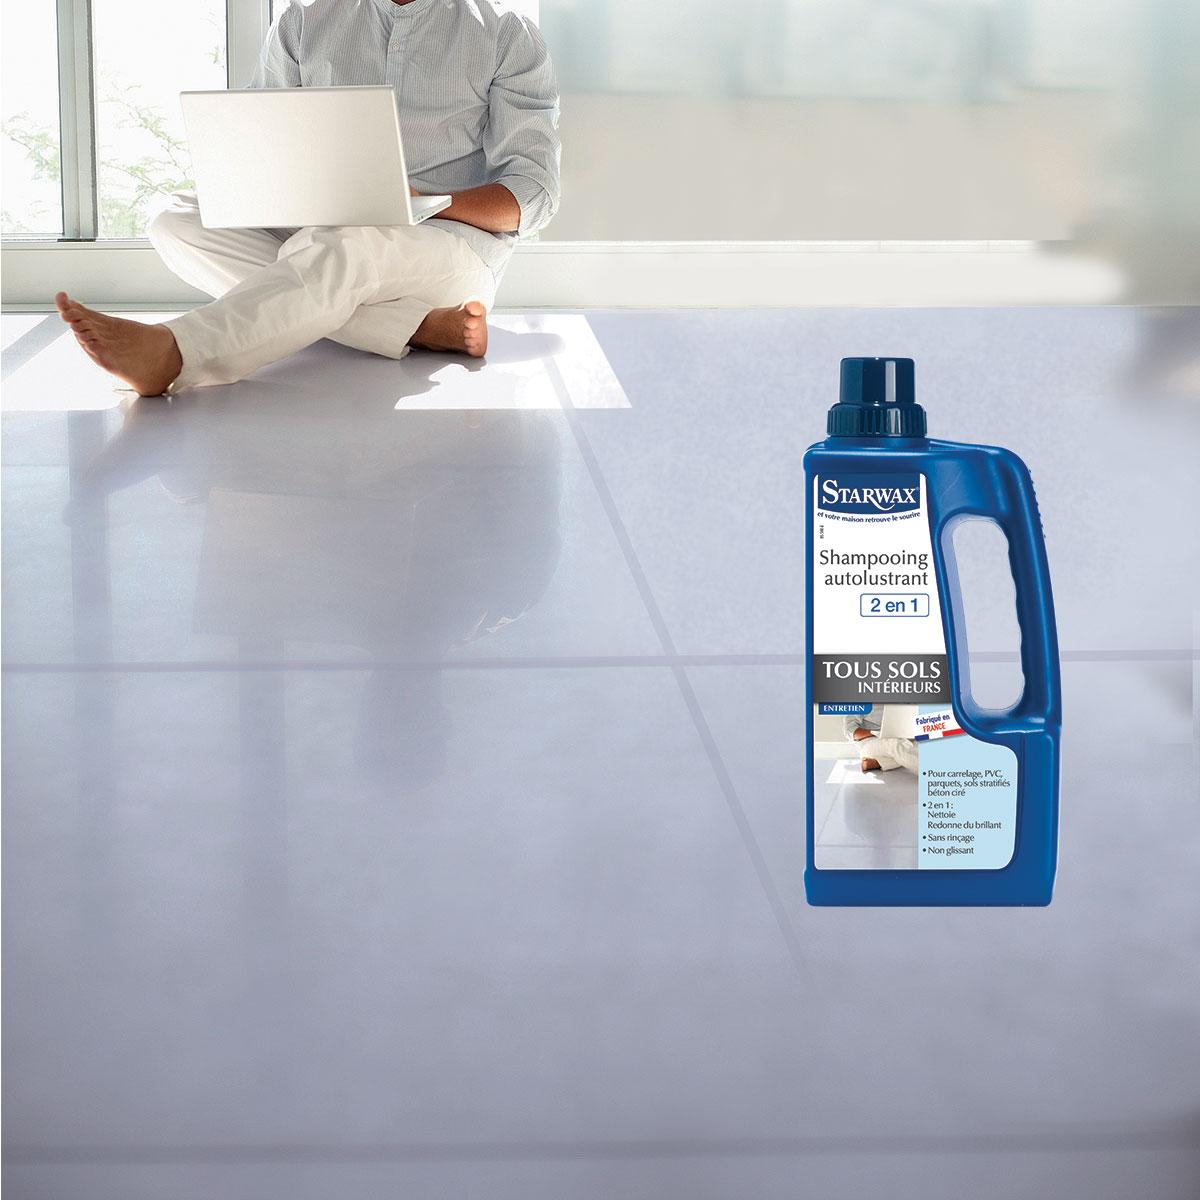 Shampooing autolustrant pour sols int rieurs 2 en 1 for Produit anti glisse pour carrelage